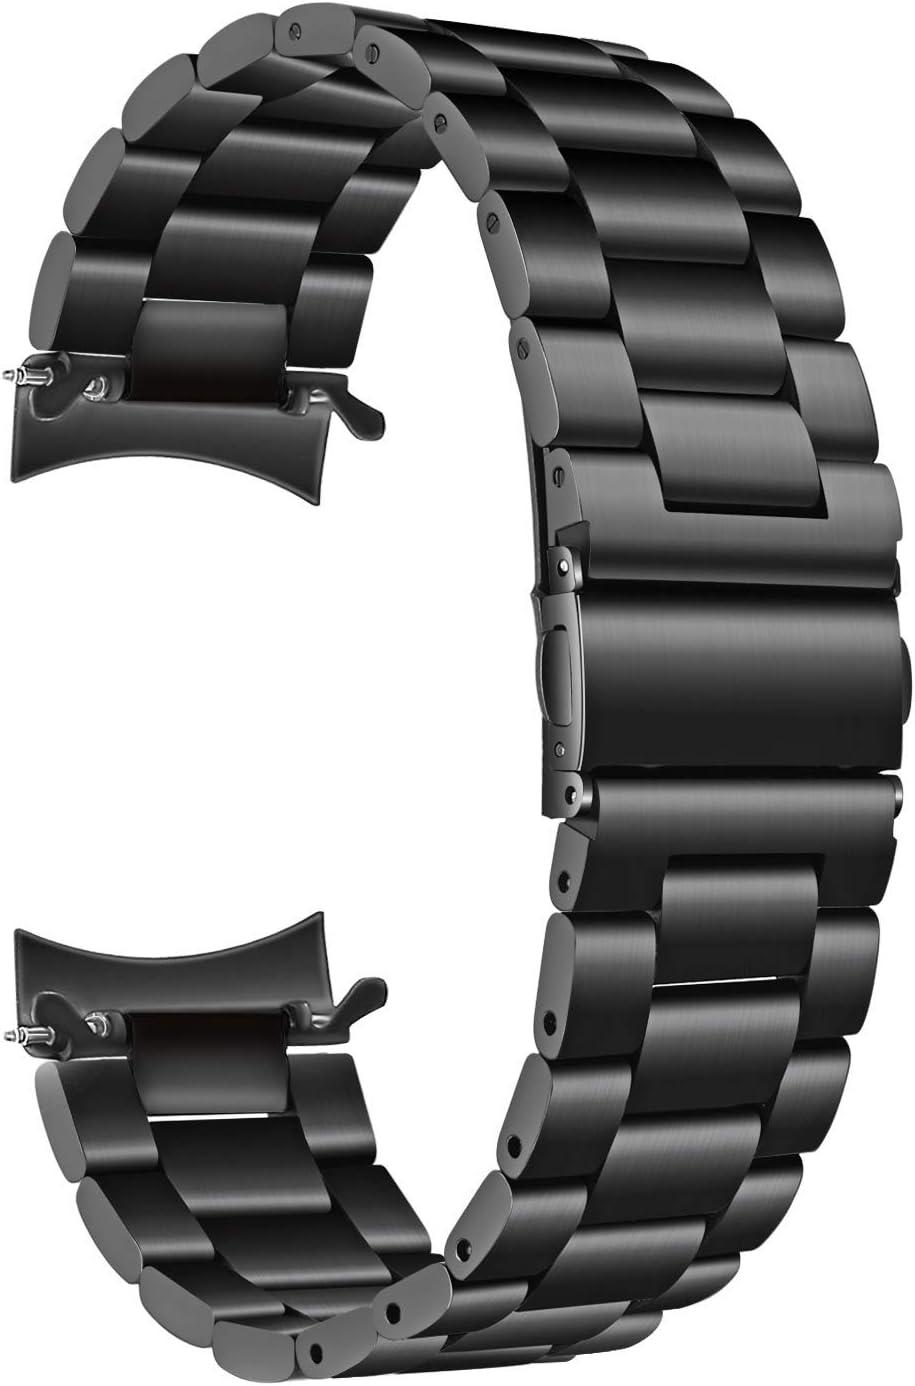 TRUMiRR Galaxy Watch 42mm Band, Correa de Reloj de Acero Inoxidable de Metal sólido Zero Gap Correa de Extremo Curvo Hombres Mujeres Pulsera Pulsera para Samsung Galaxy Watch 42mm (SM-R810 / R815)